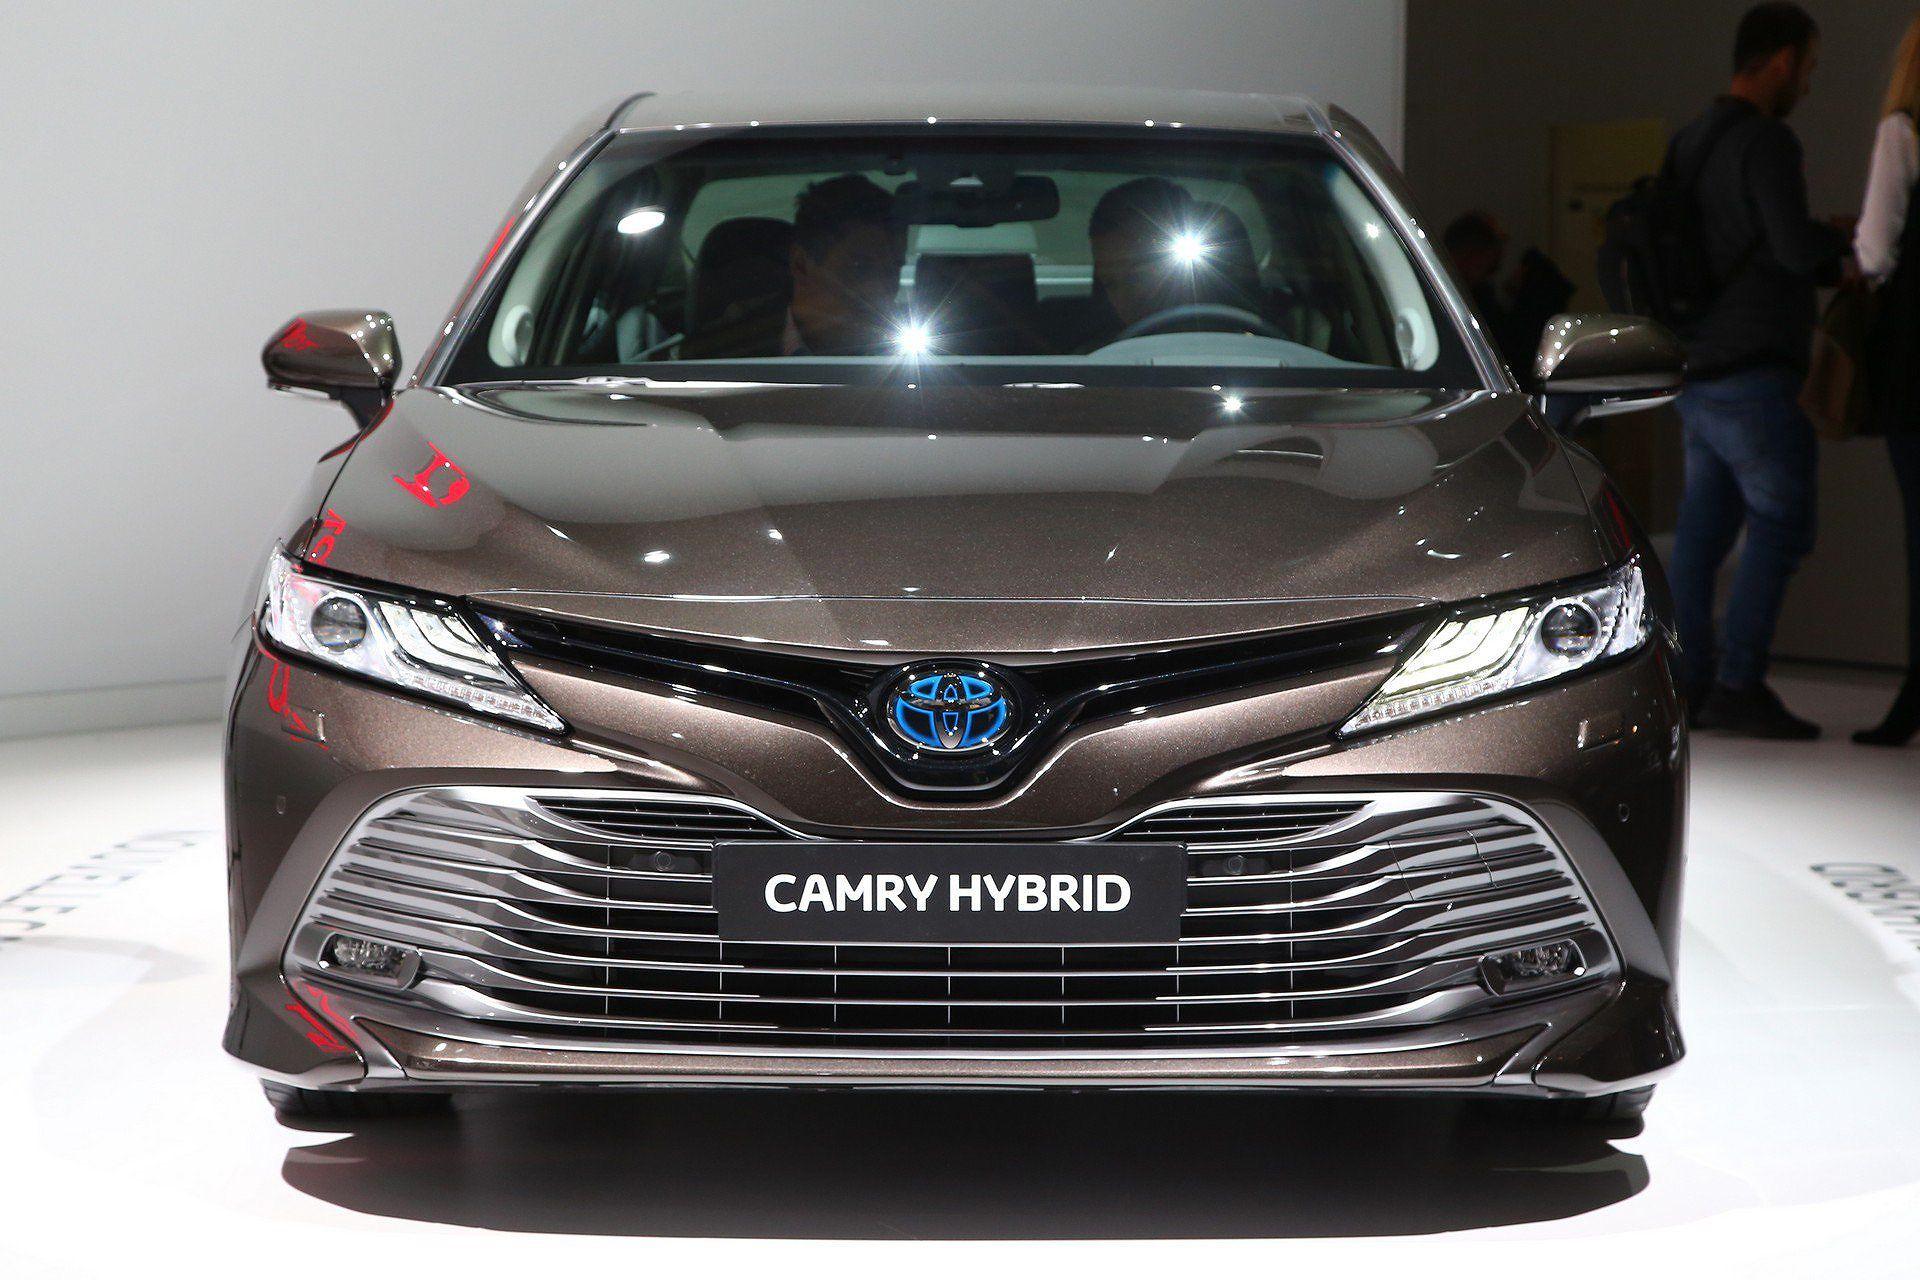 Toyota Camry Hybrid trở lại châu Âu sau 14 năm vắng bóng Ảnh 2